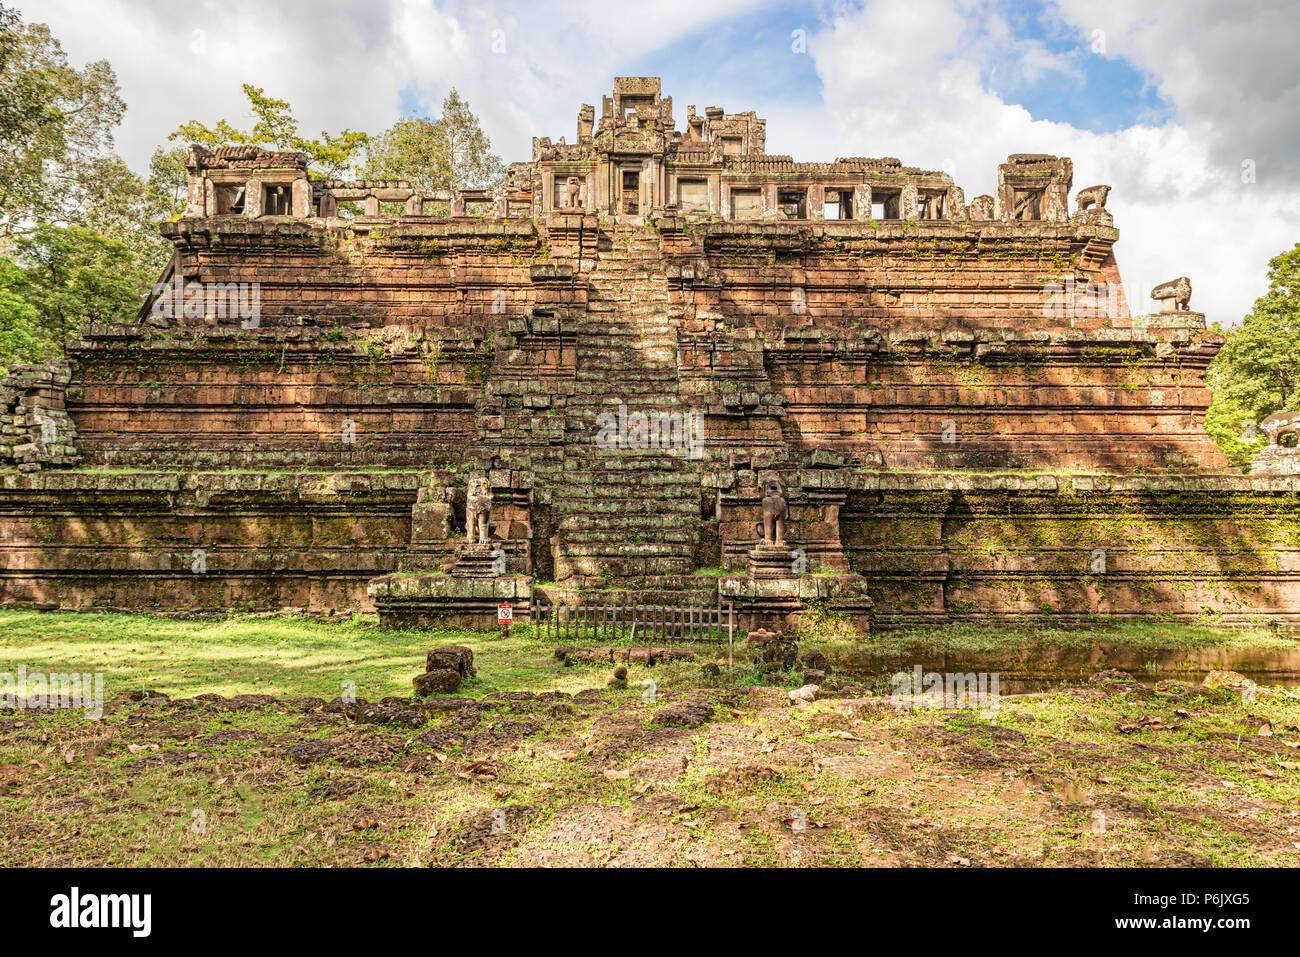 Phimeanakas Tempel in Angkor, Kambodscha, ist ein hinduistischer Tempel aus dem 10. Jahrhundert, in der Form von drei Tier Pyramide als hinduistische Tempel. Auf der Oberseite der pyram Stockbild